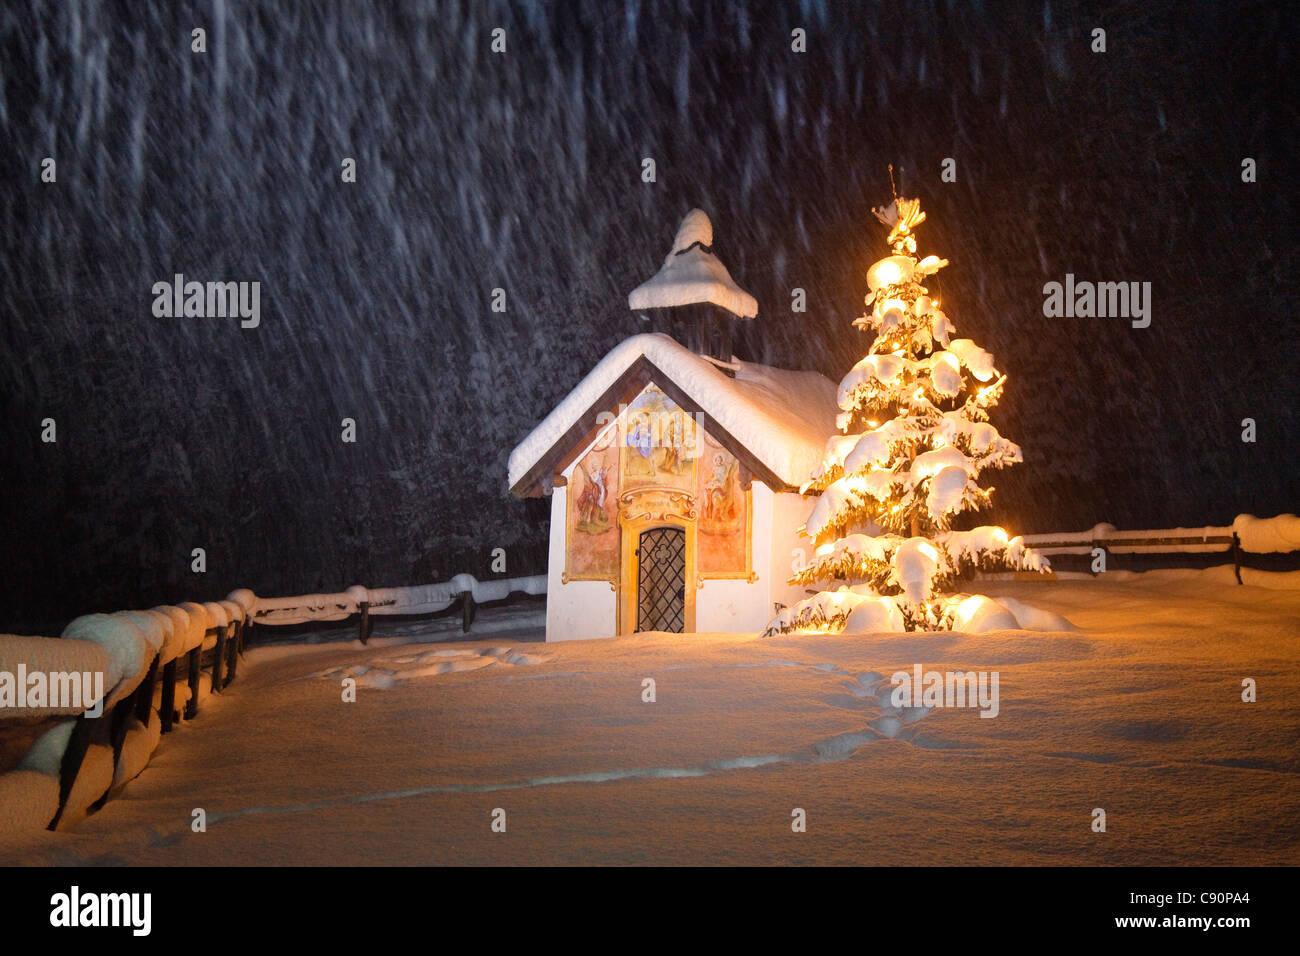 Capilla con árbol de navidad en la nieve, Elmau, Alta Baviera, Alemania, Europa Foto de stock